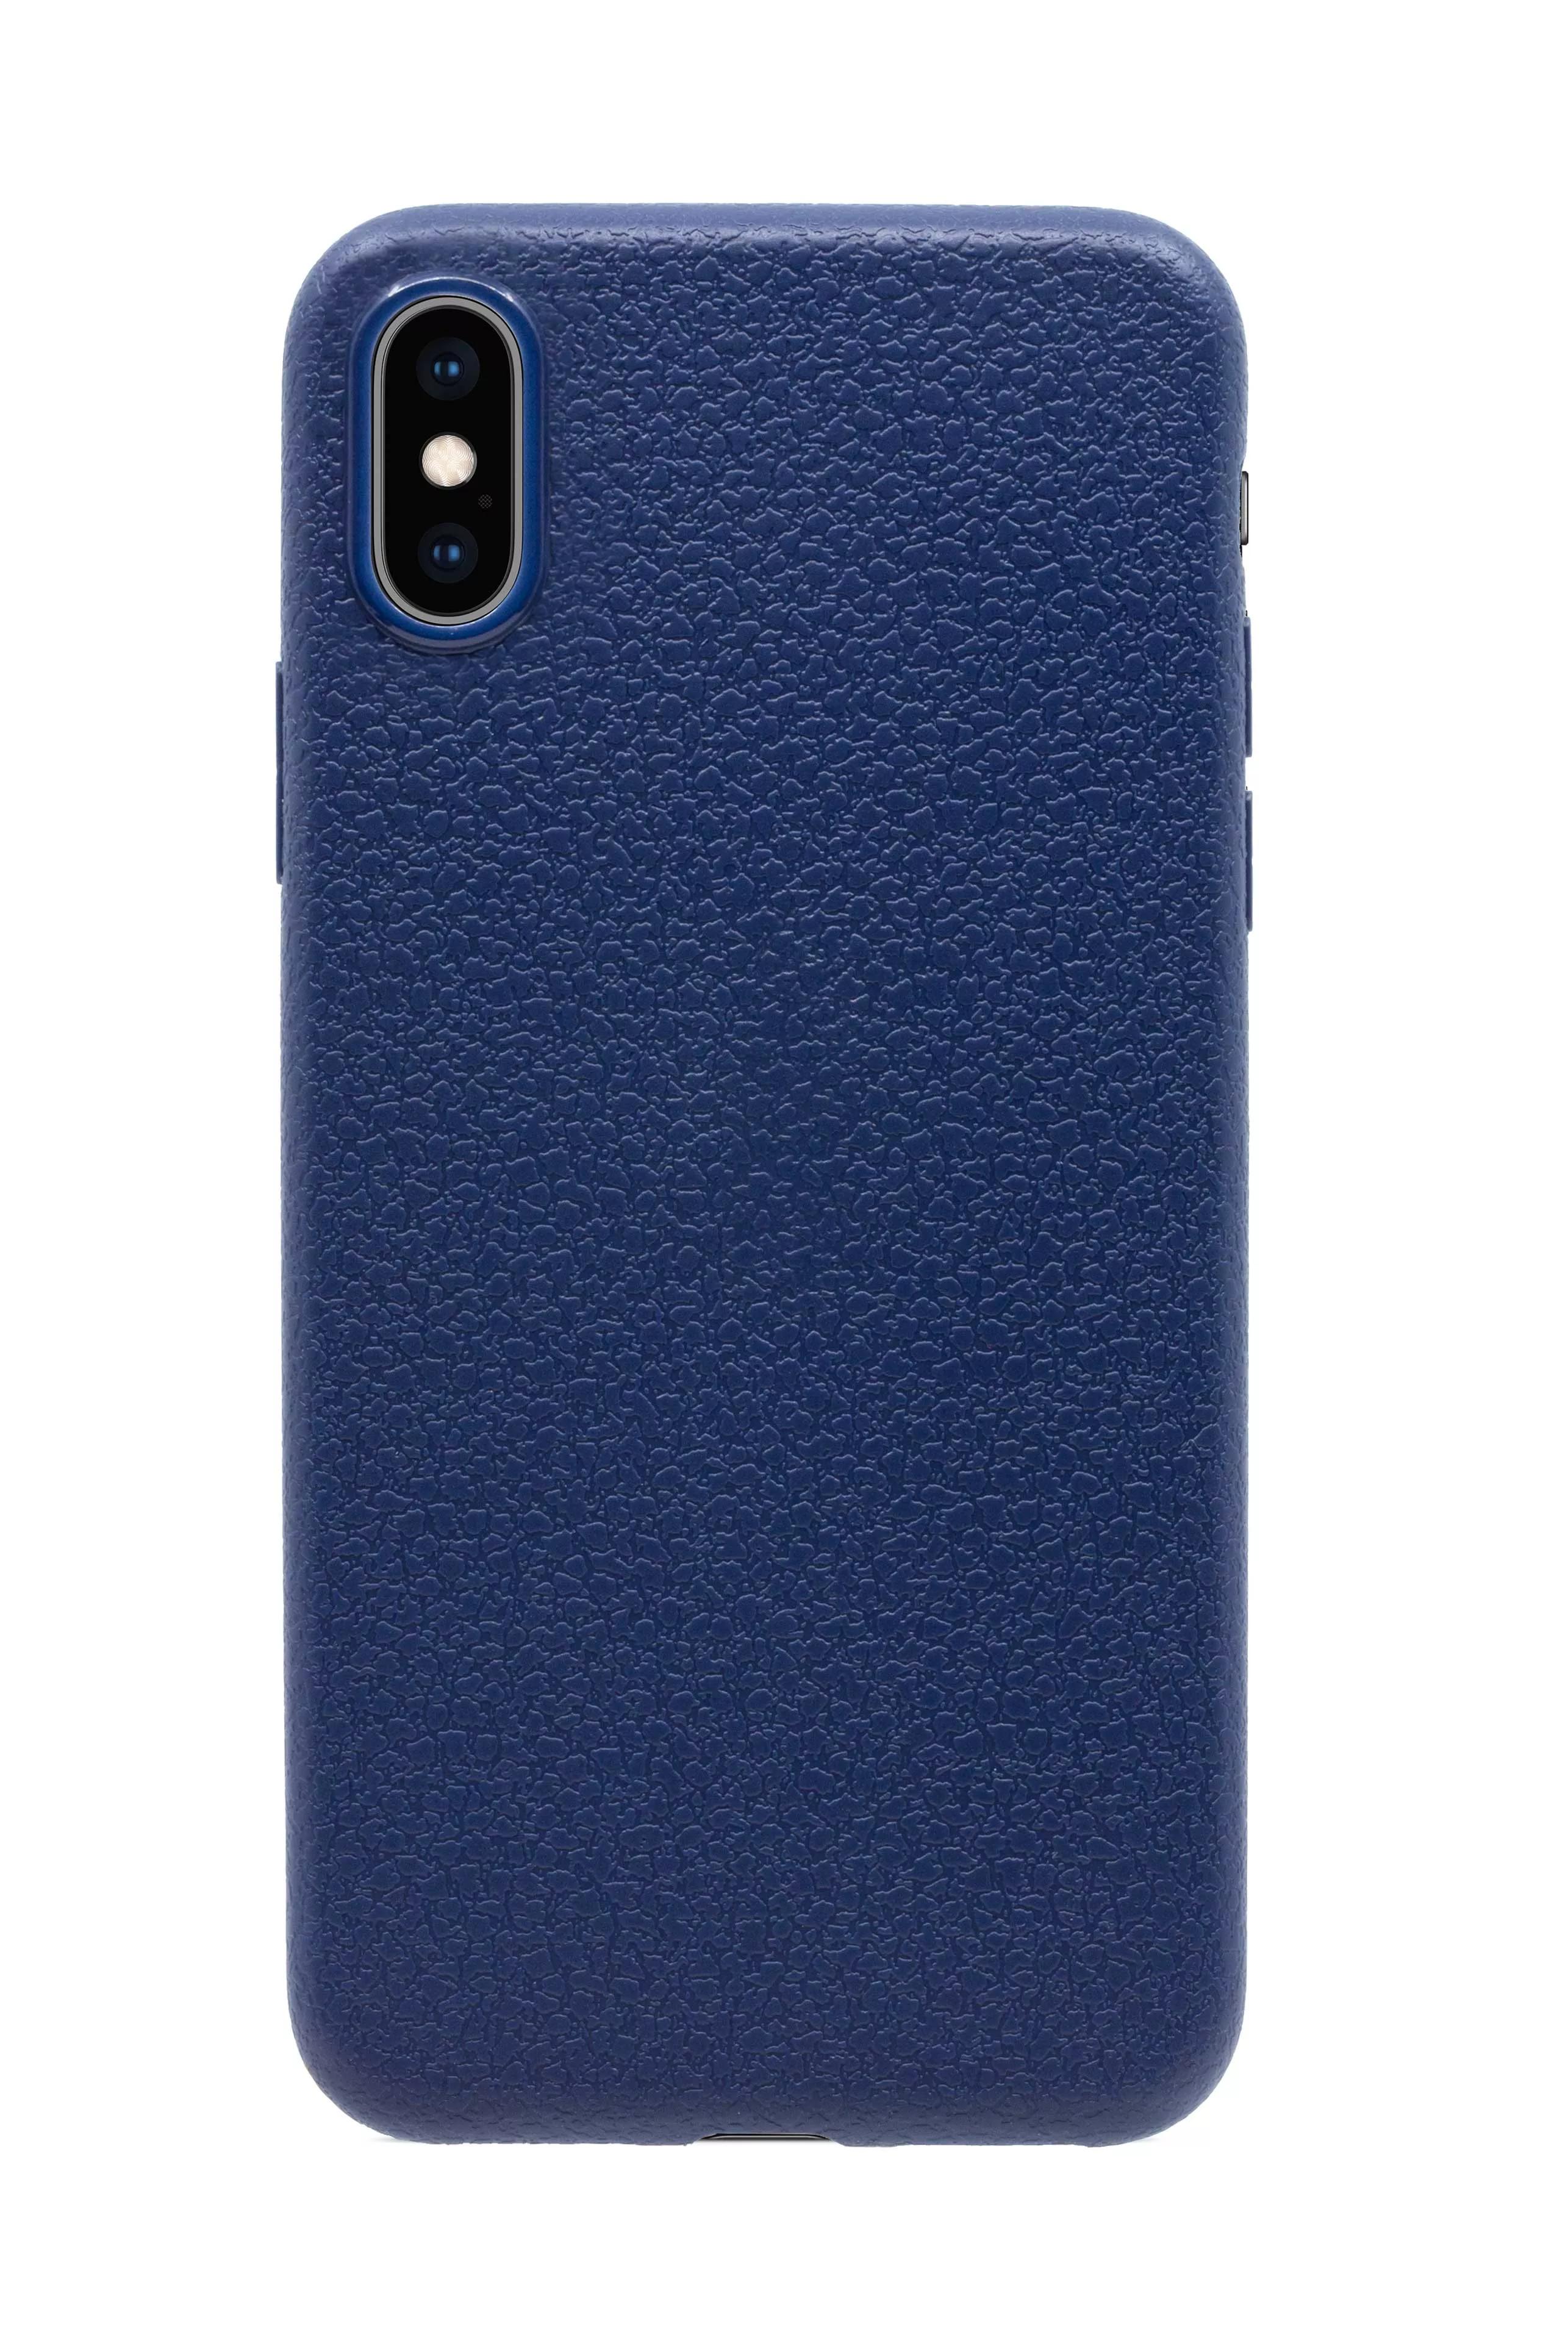 Чехол прорезиненный с тиснением под кожу для iPhone X/XS - Темно-синий